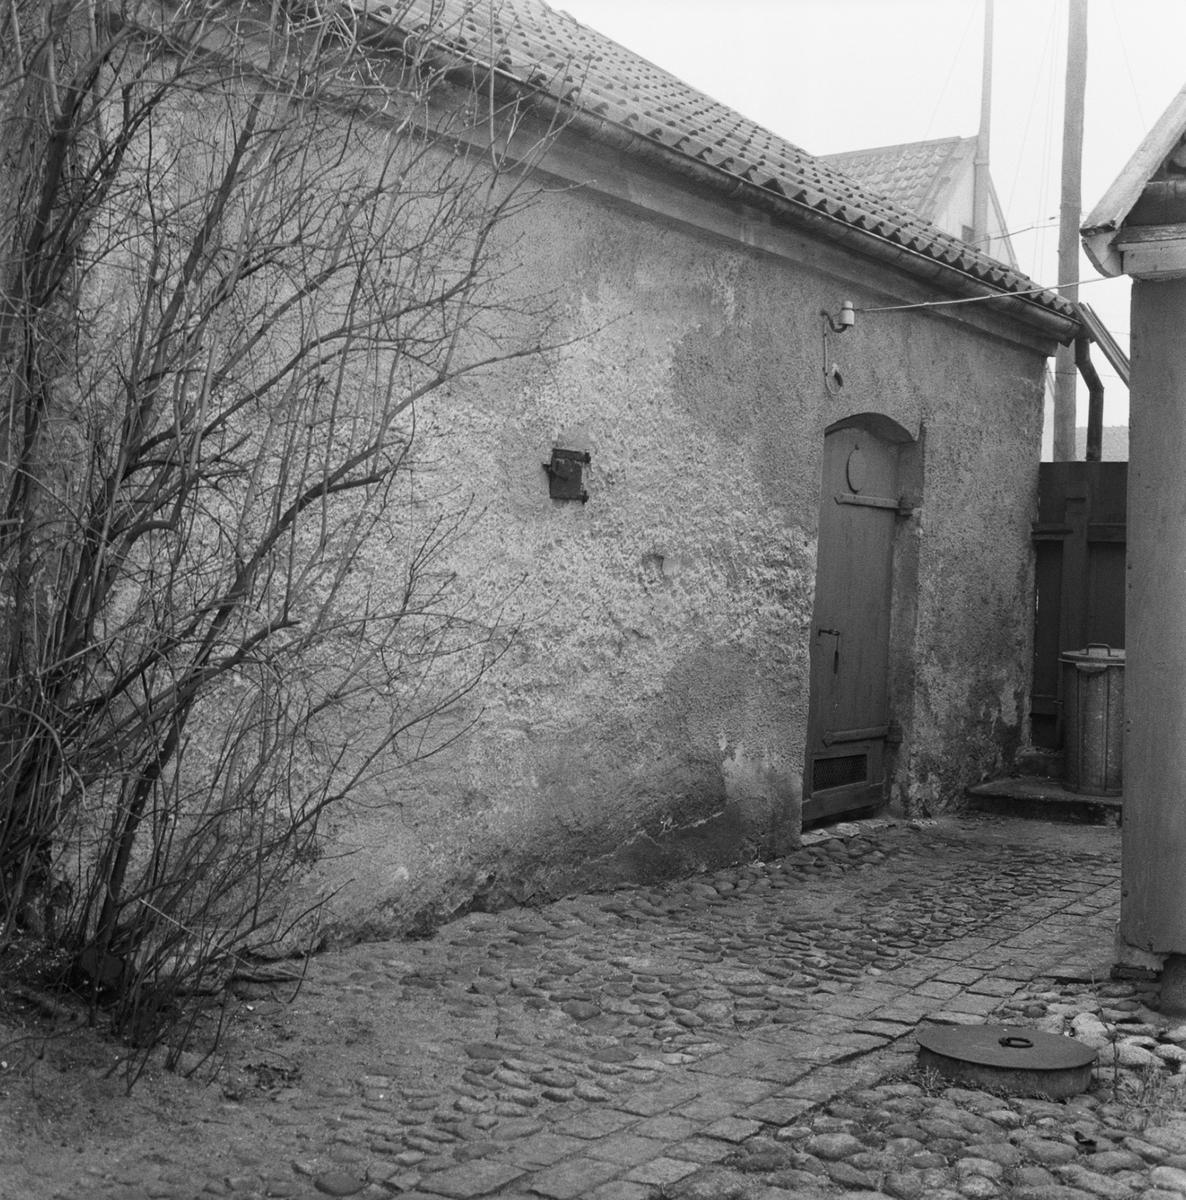 Övrigt: Fotodatum:1/2 1961. Byggnader och Kranar. Varvsgatan